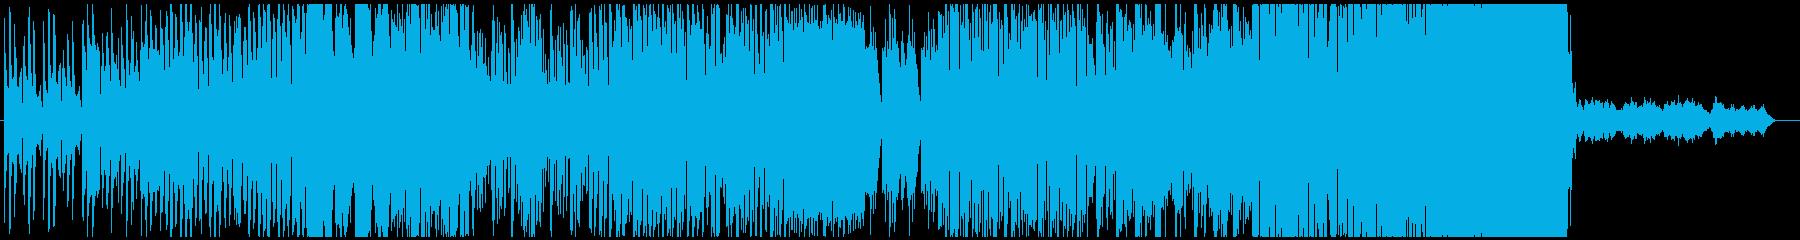 台北の空気を詰め込んだBGMの再生済みの波形